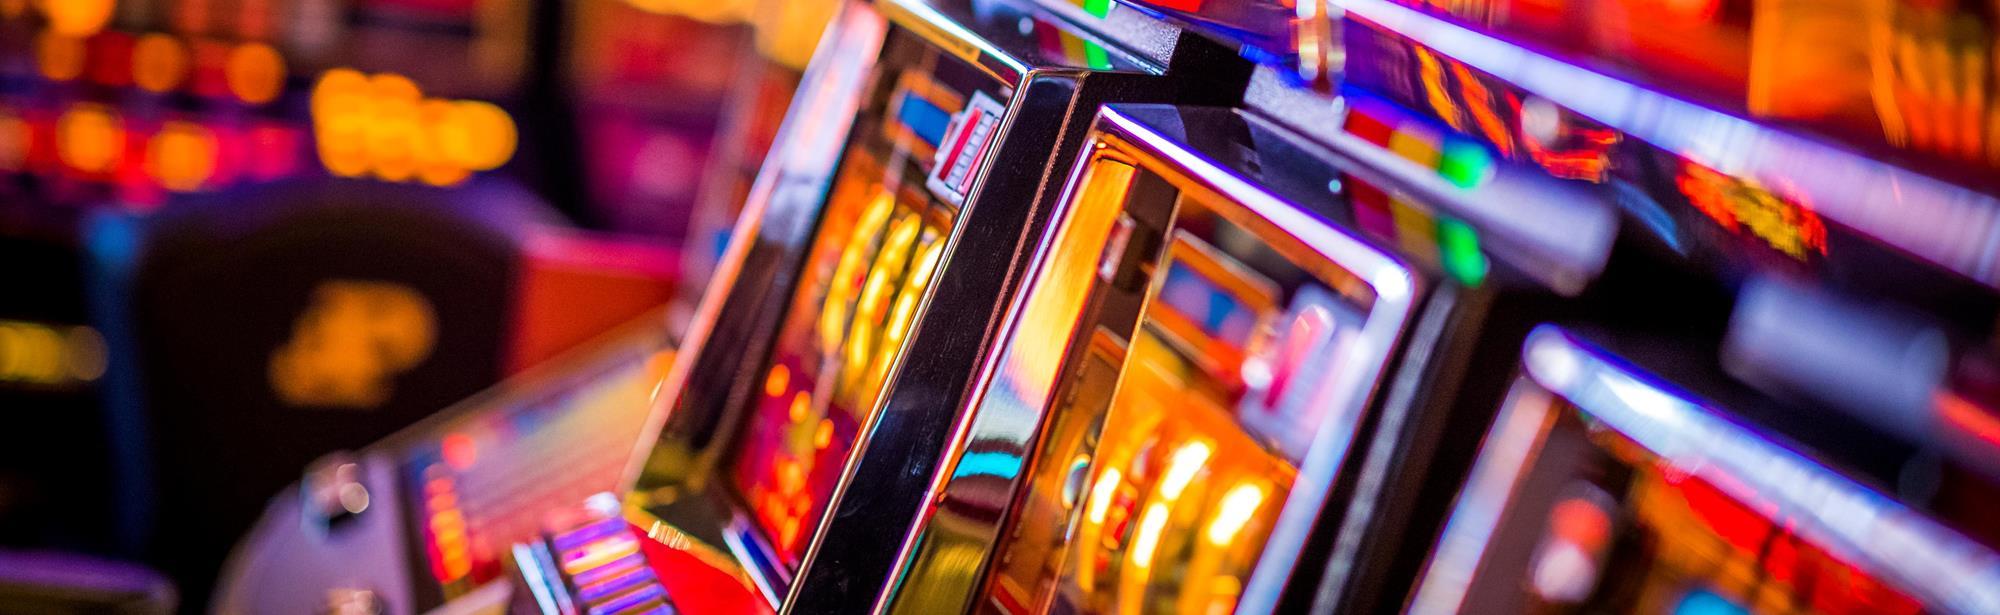 Fair Play Casino Maastricht Stationsstraat